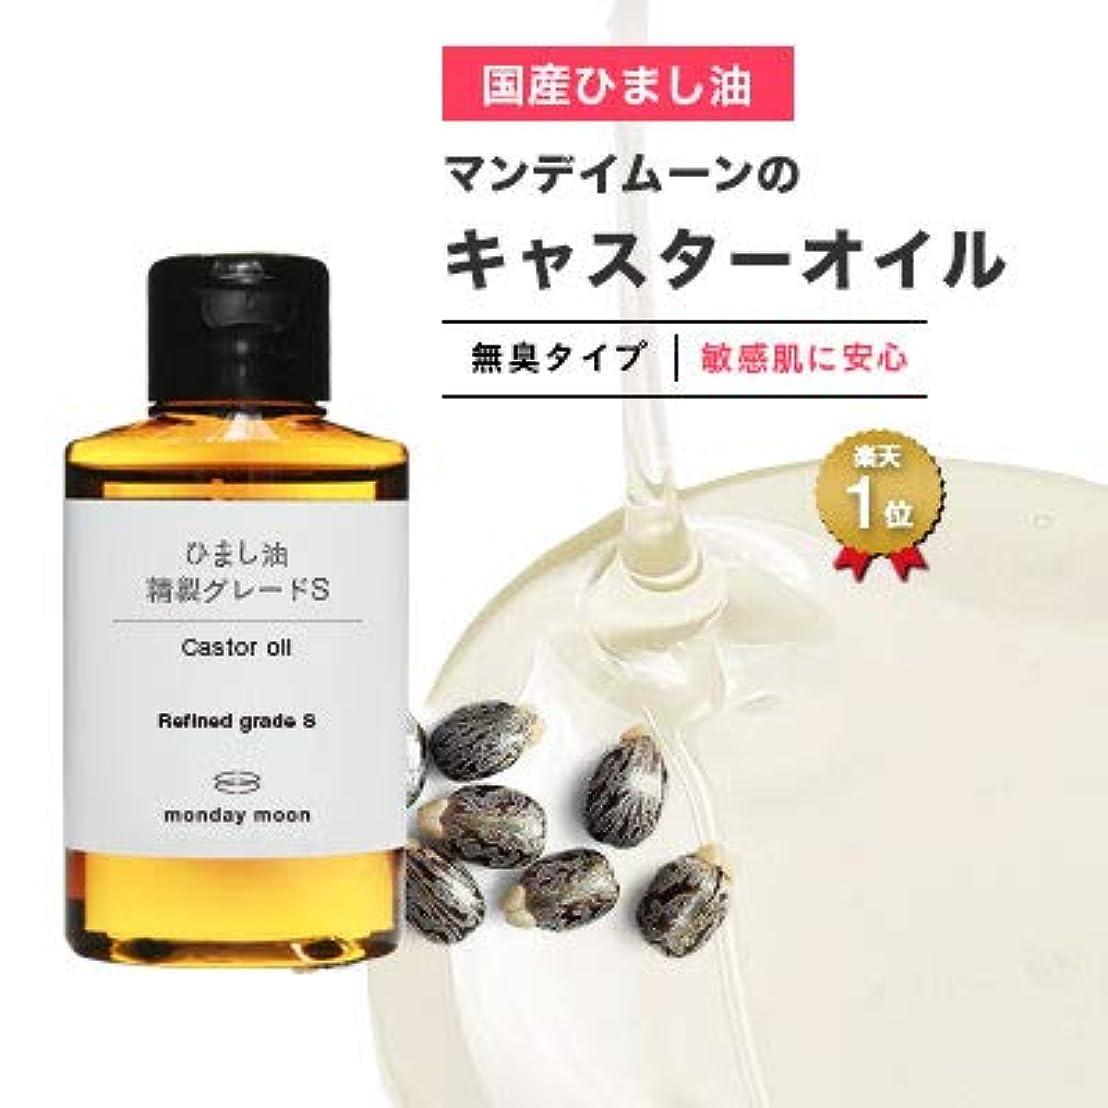 緩む要件サポートキャスターオイル?精製グレードS(ひまし油)/50ml